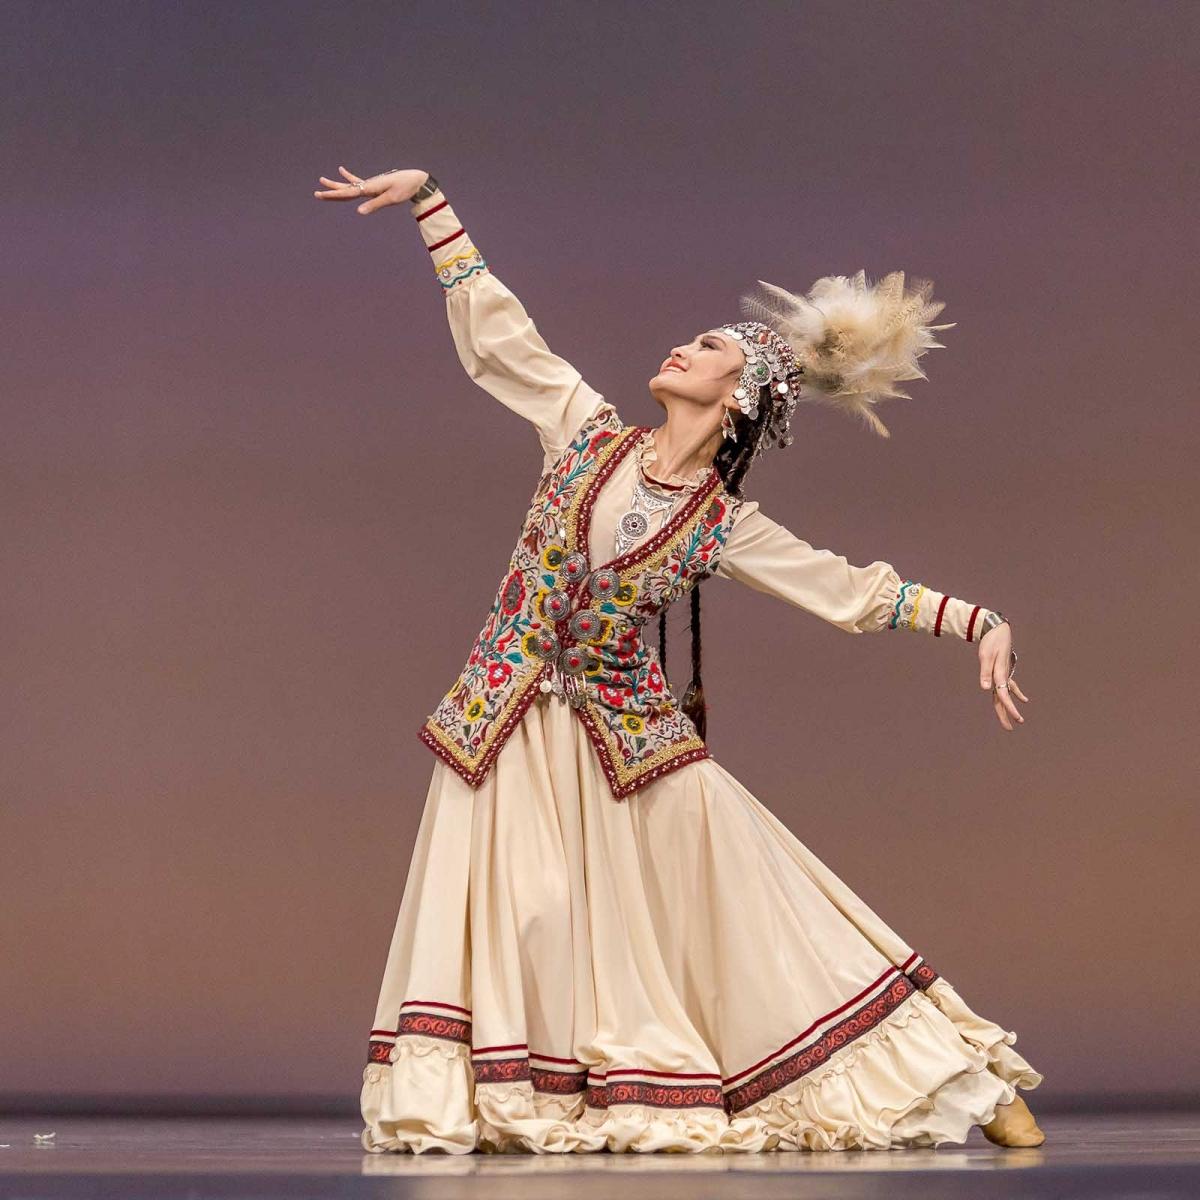 приобретения казахские национальные танцы картинки этикета для